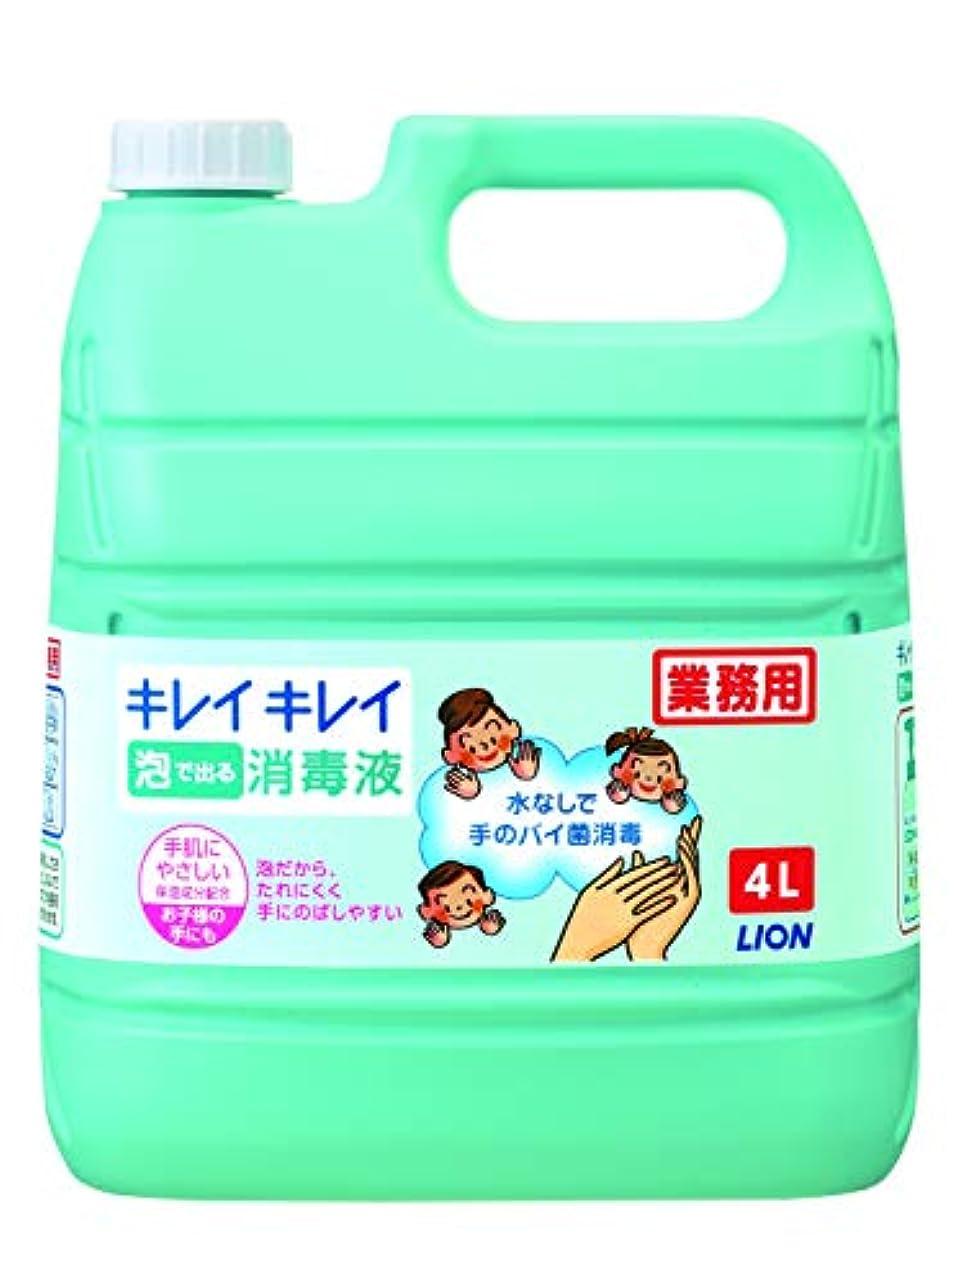 急勾配のシロクマ許可【大容量】キレイキレイ 泡で出る消毒液 4L (指定医薬部外品)